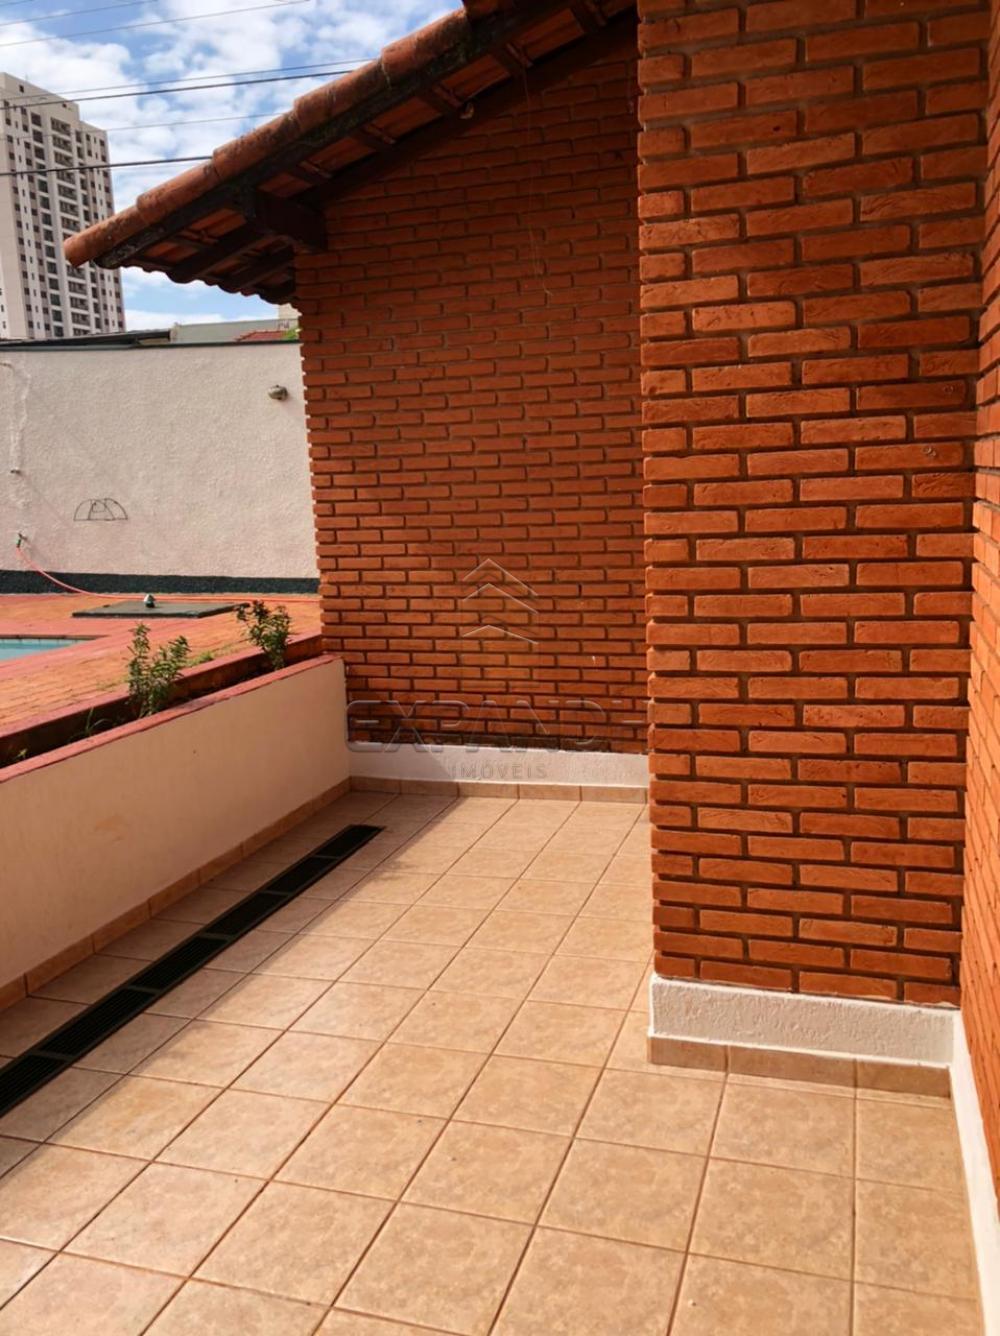 Alugar Casas / Padrão em Sertãozinho R$ 2.700,00 - Foto 25